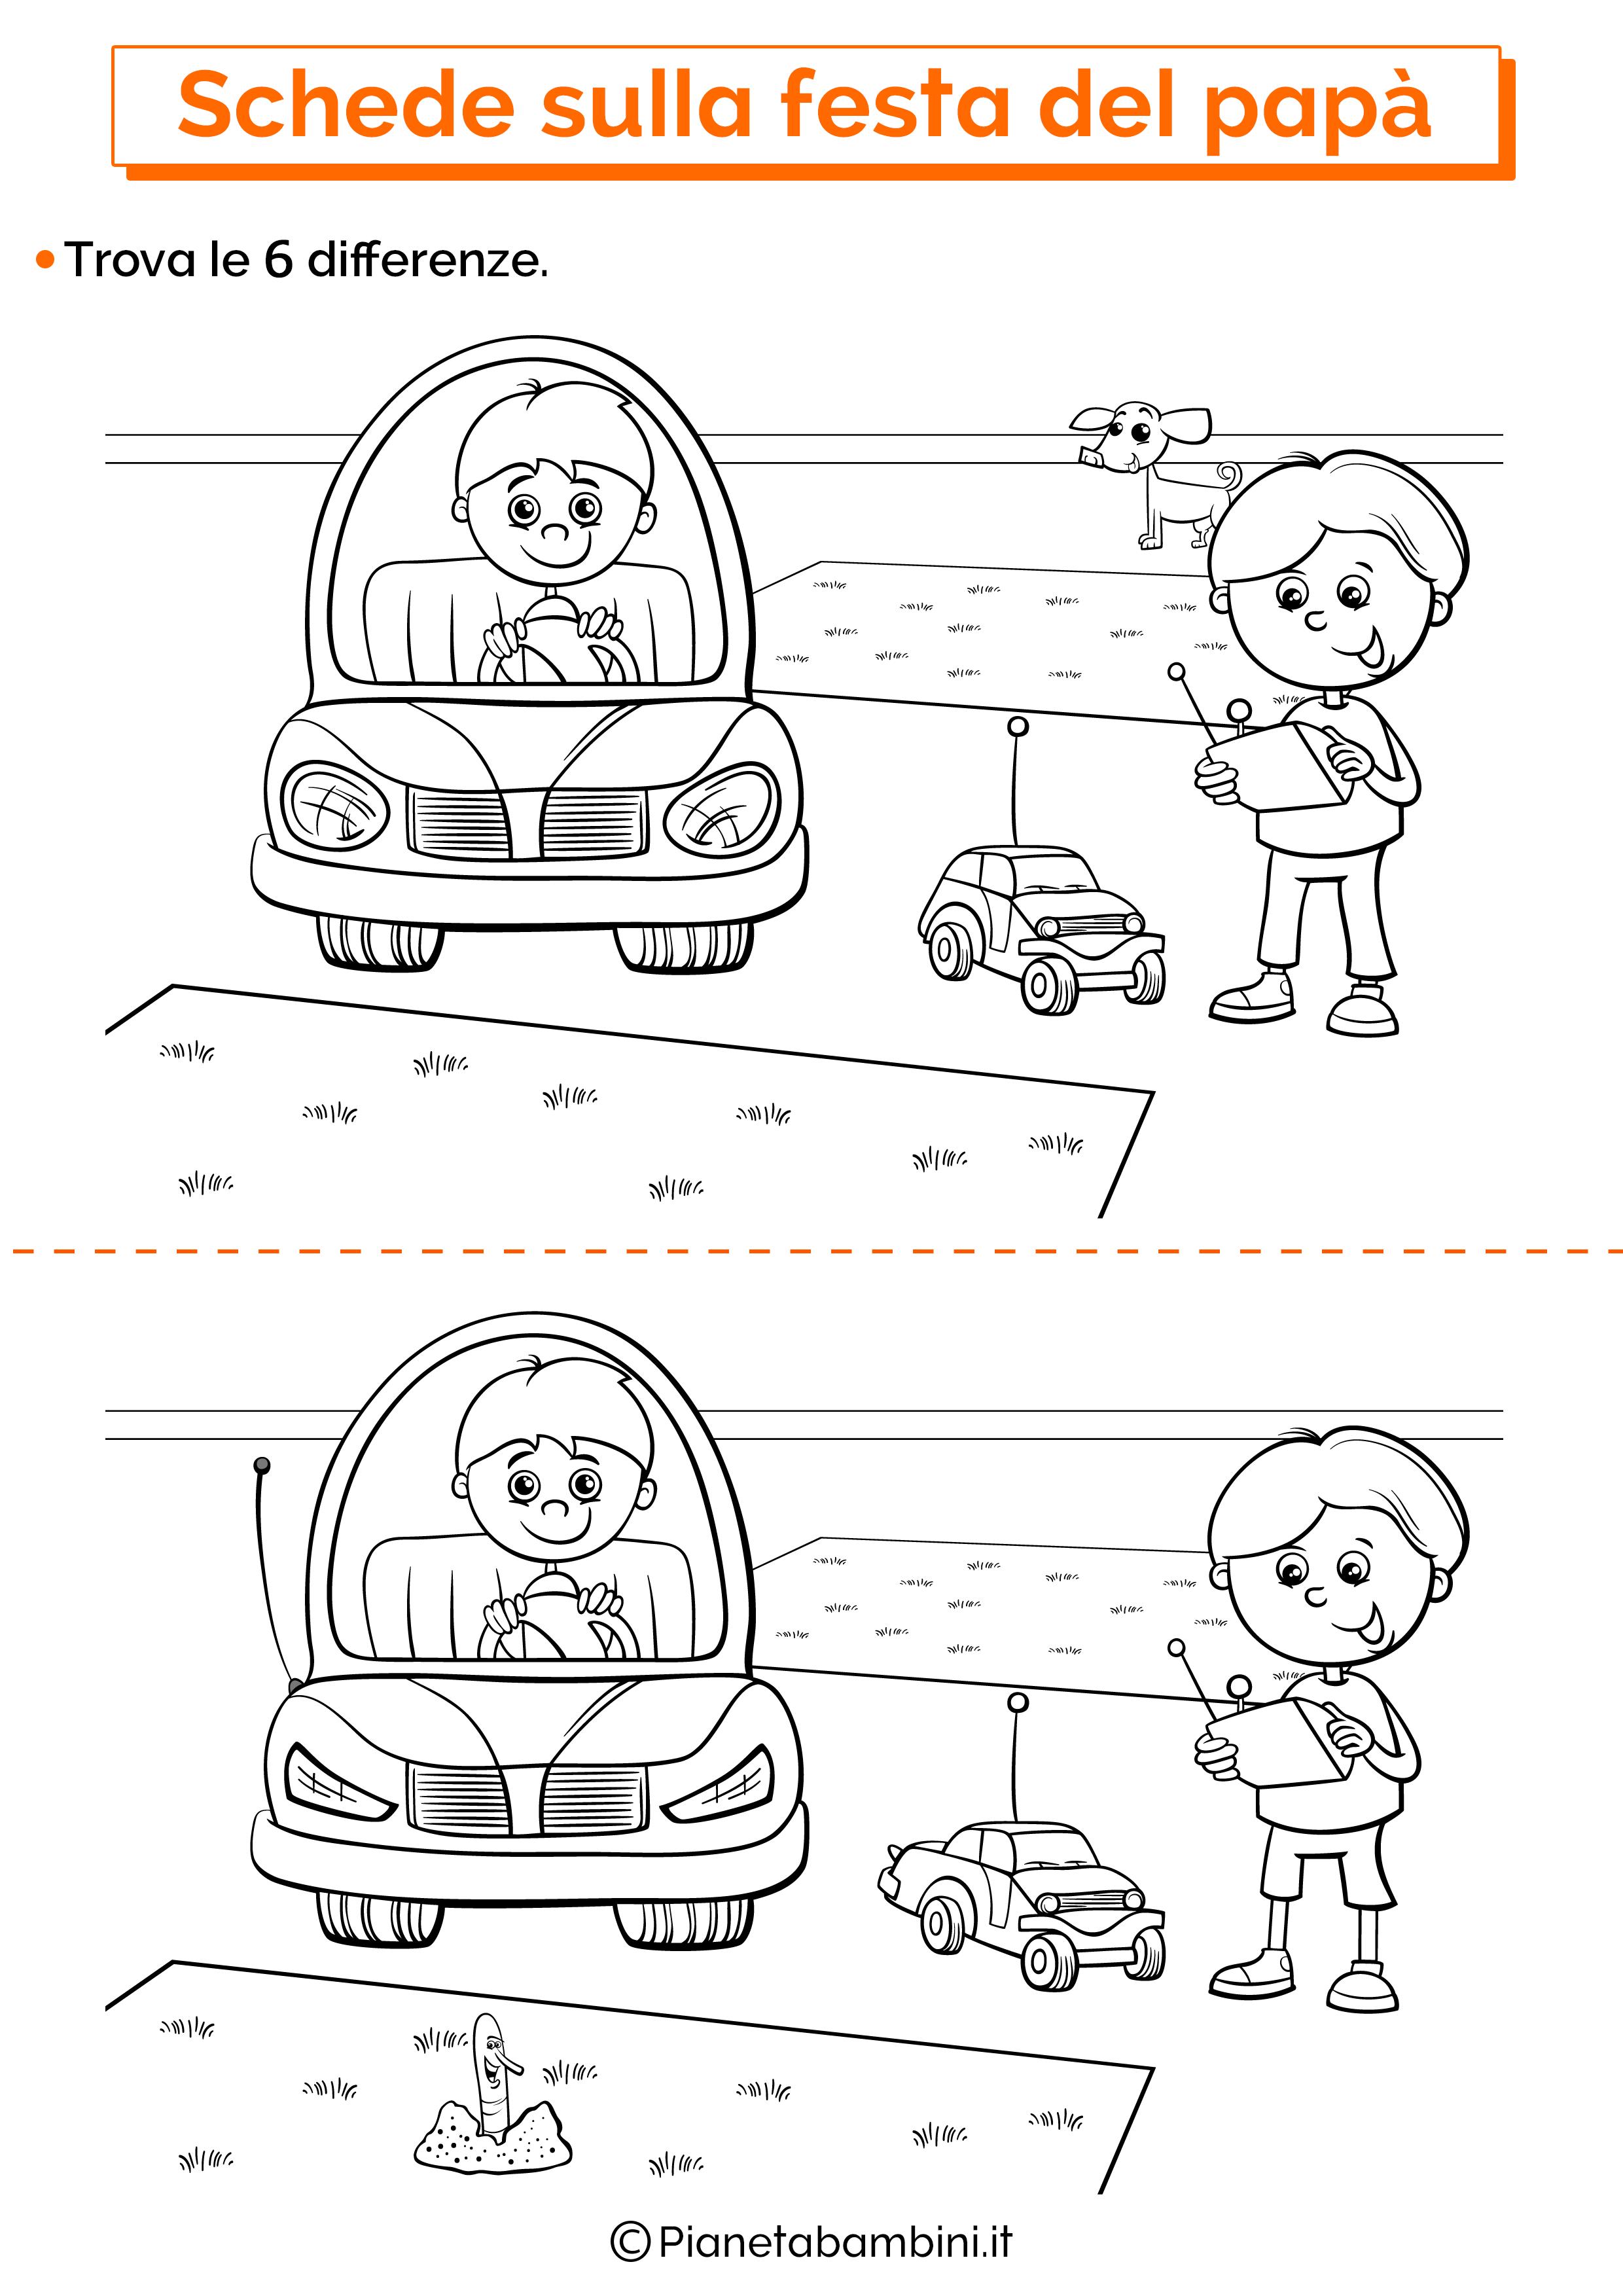 Scheda sulla festa del papà per la scuola dell'infanzia 4